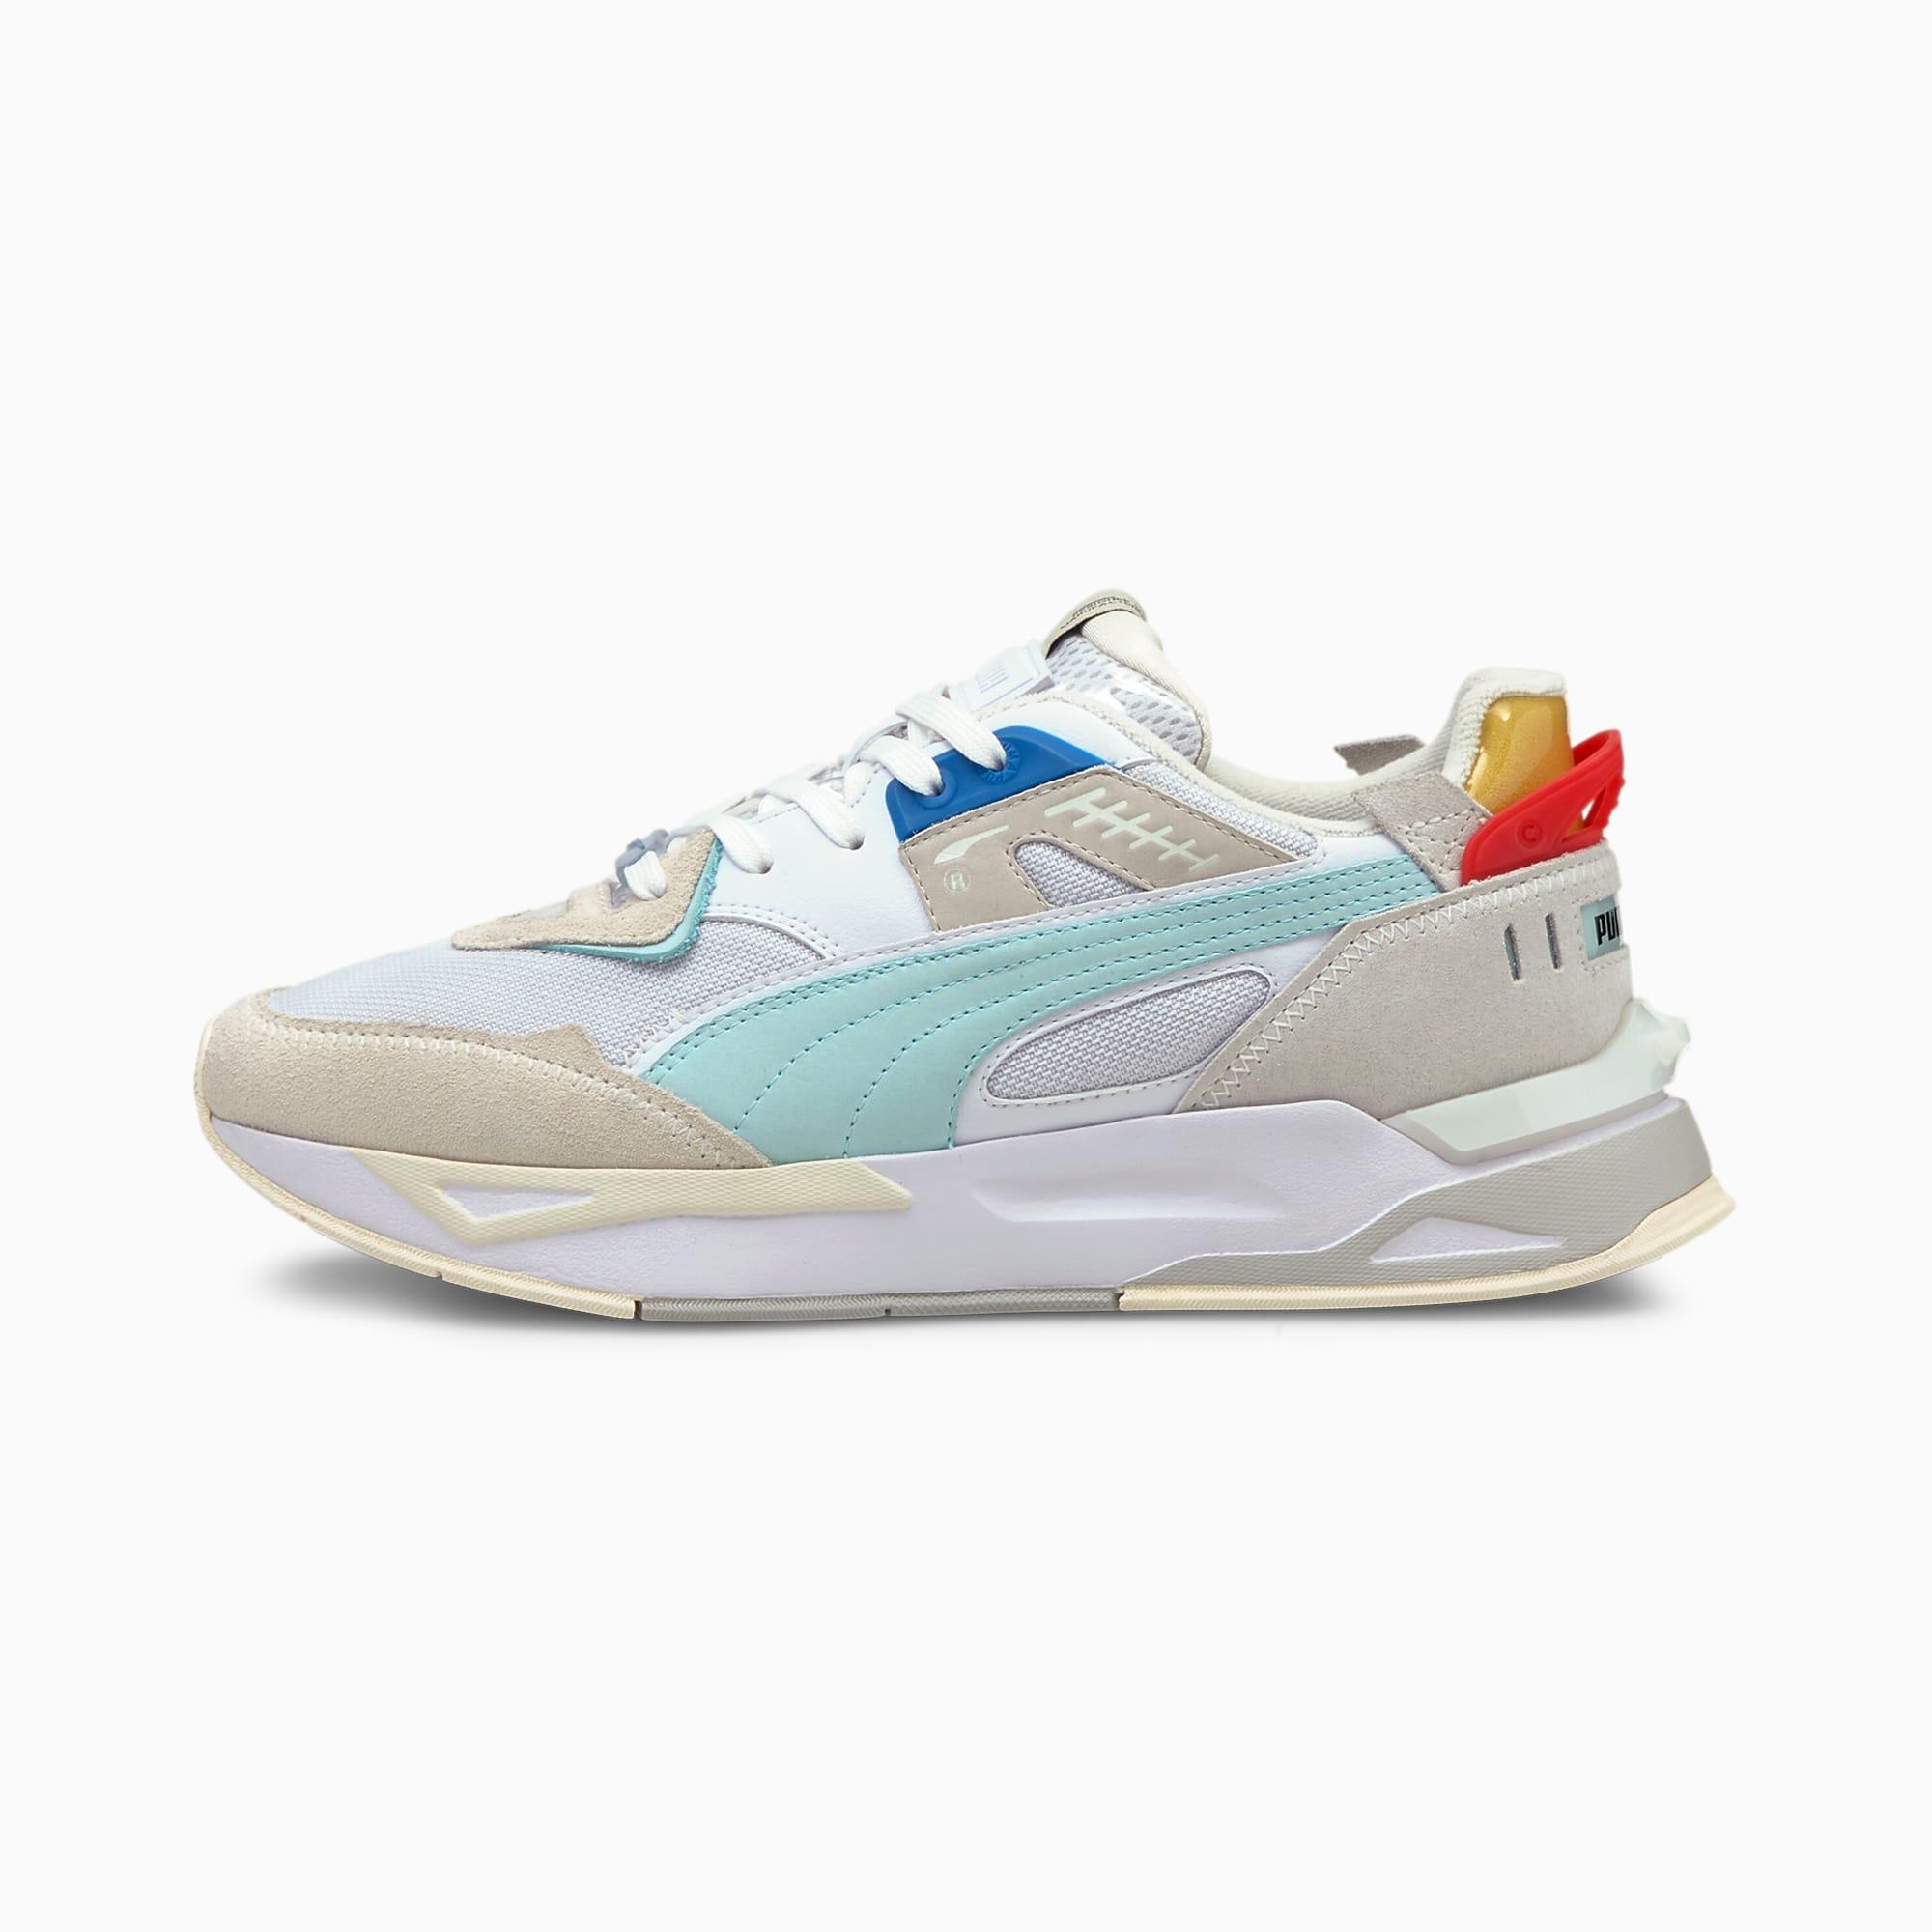 PUMA Mirage Sport Sneaker Schuhe | Weiß | Größe: 53.5